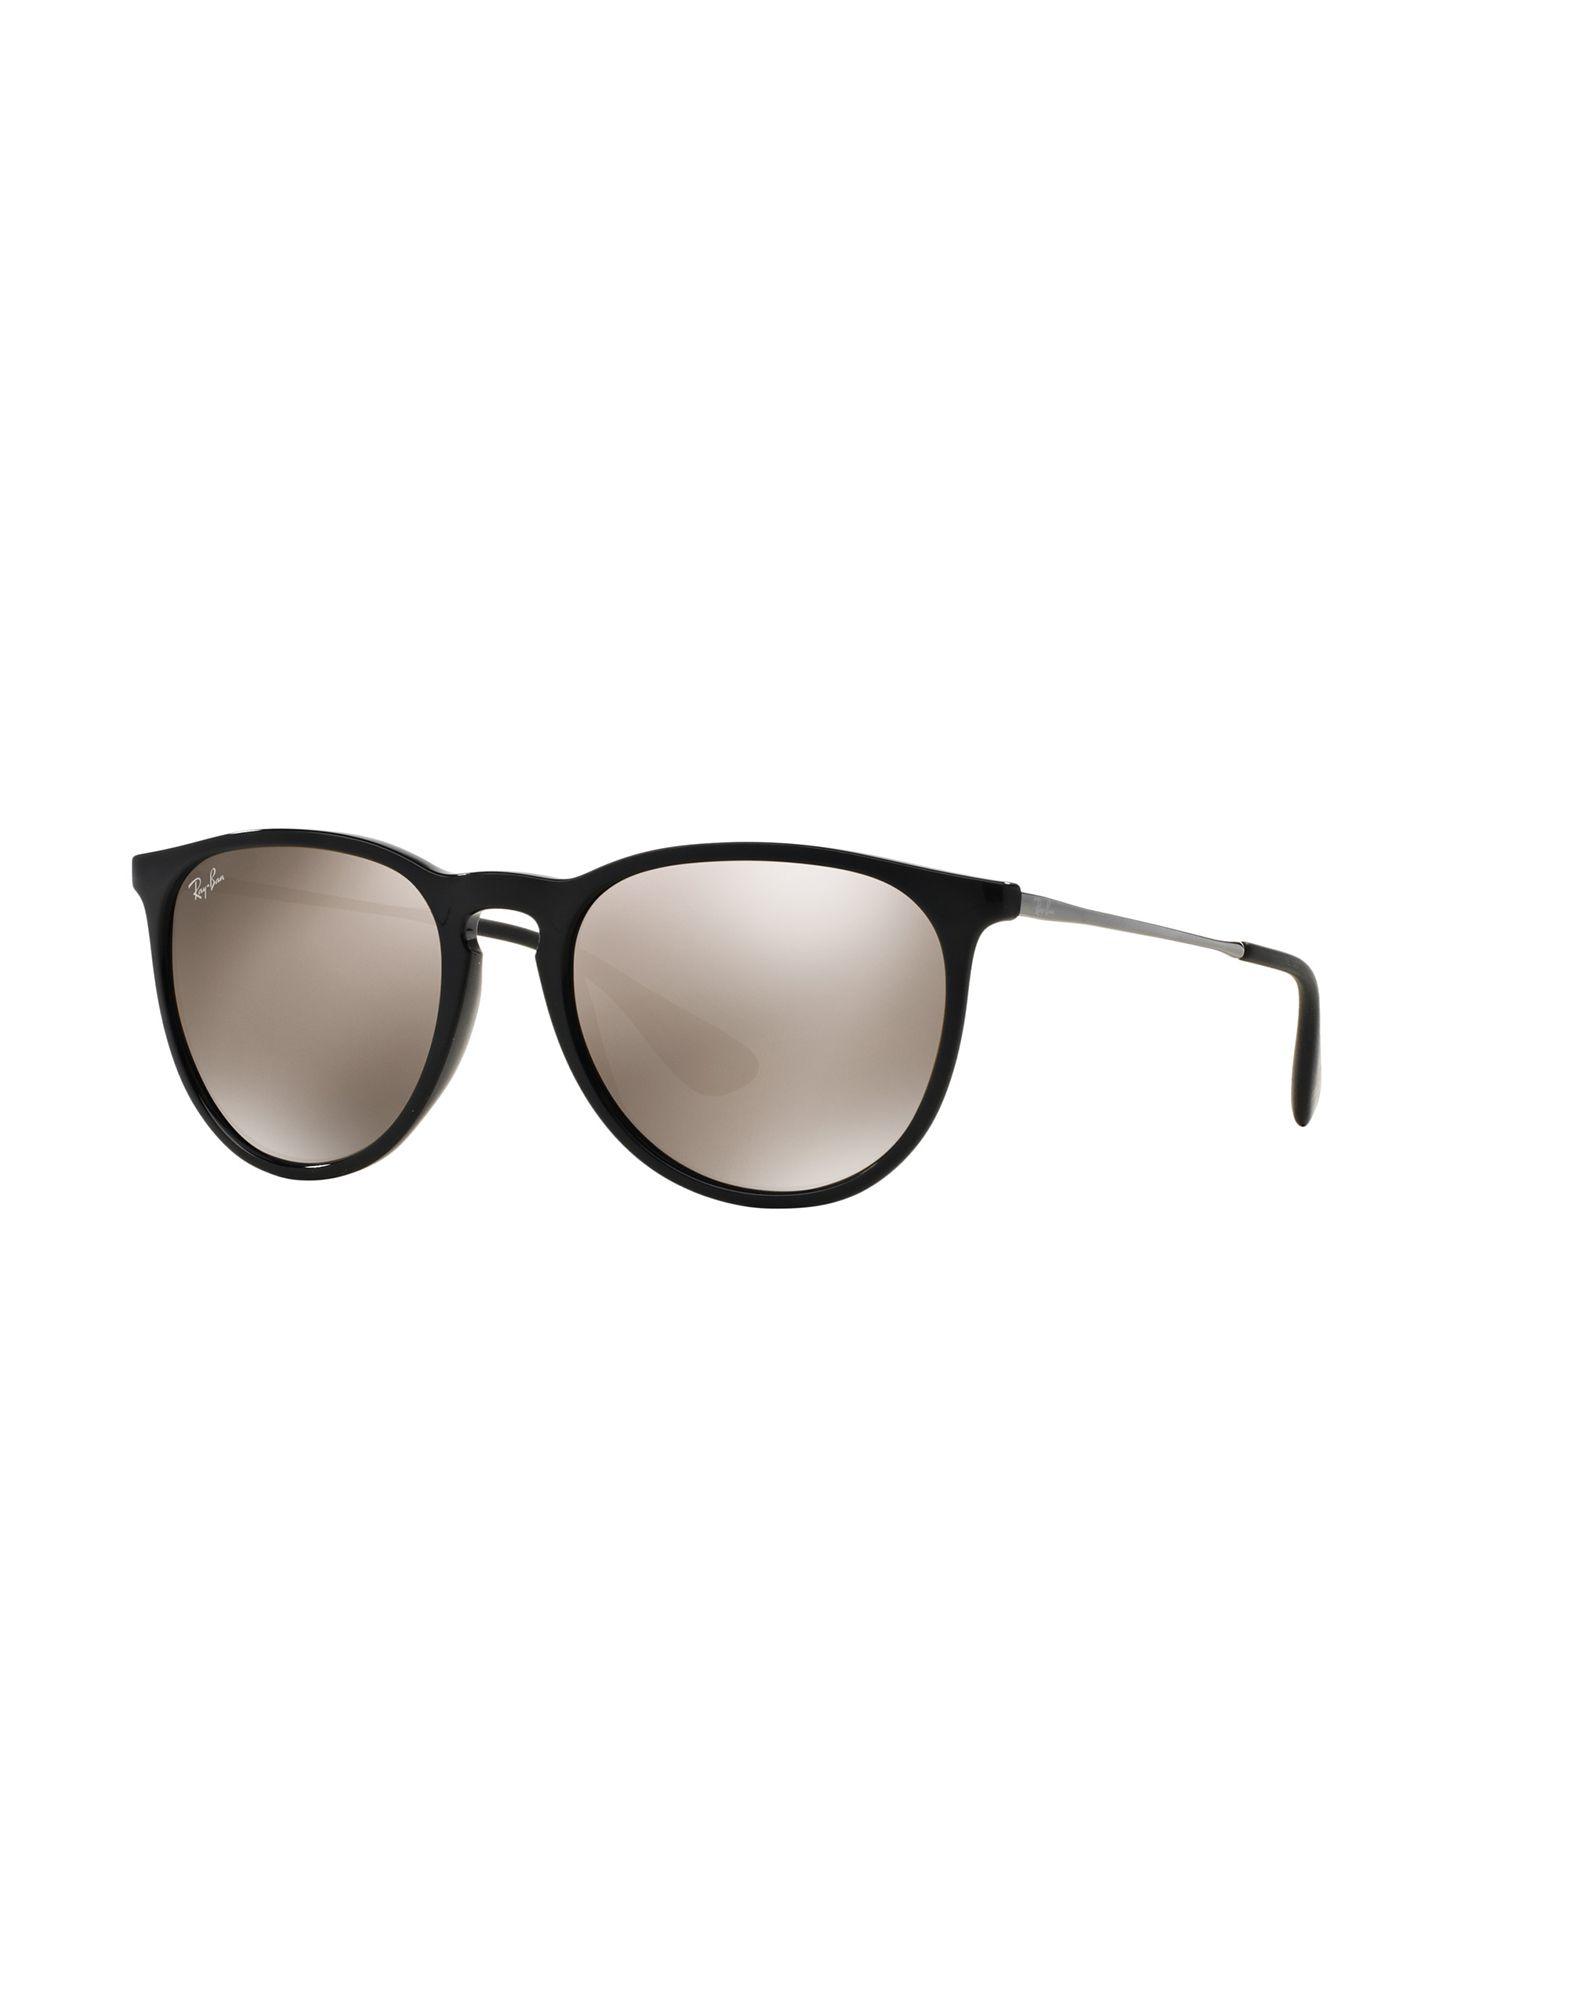 RAY-BAN Солнечные очки бокорезы диэлектрические энергомаш 10200 01 3 160